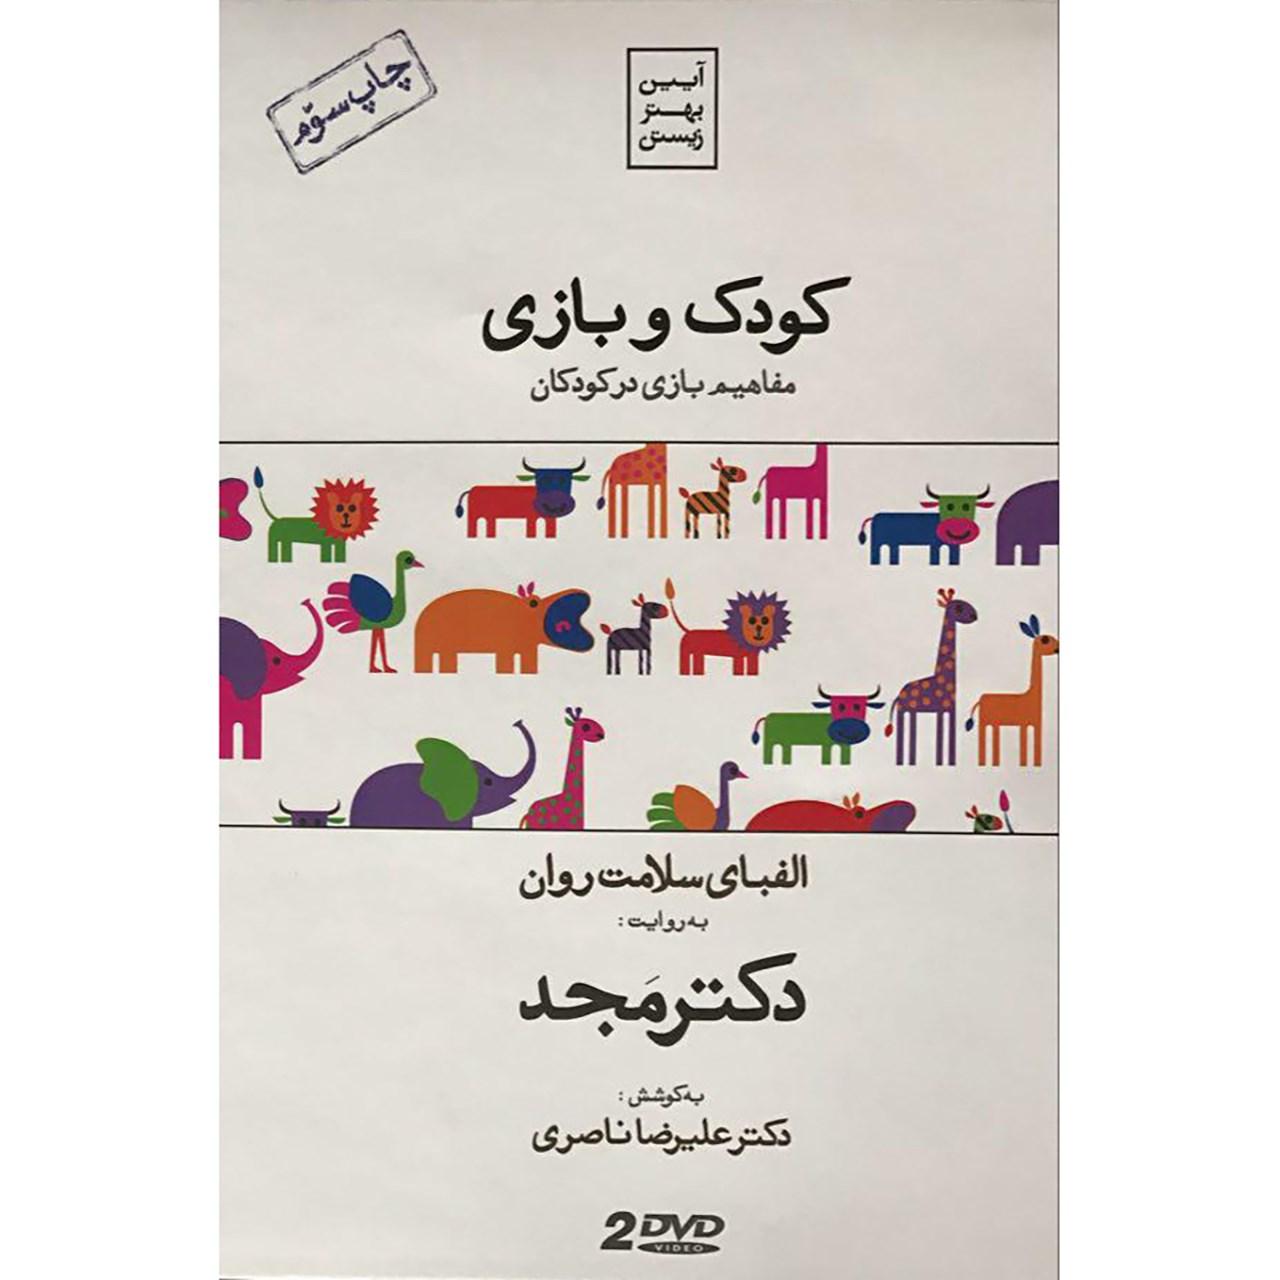 فیلم آموزشی کودک و بازی اثر محمد مجد